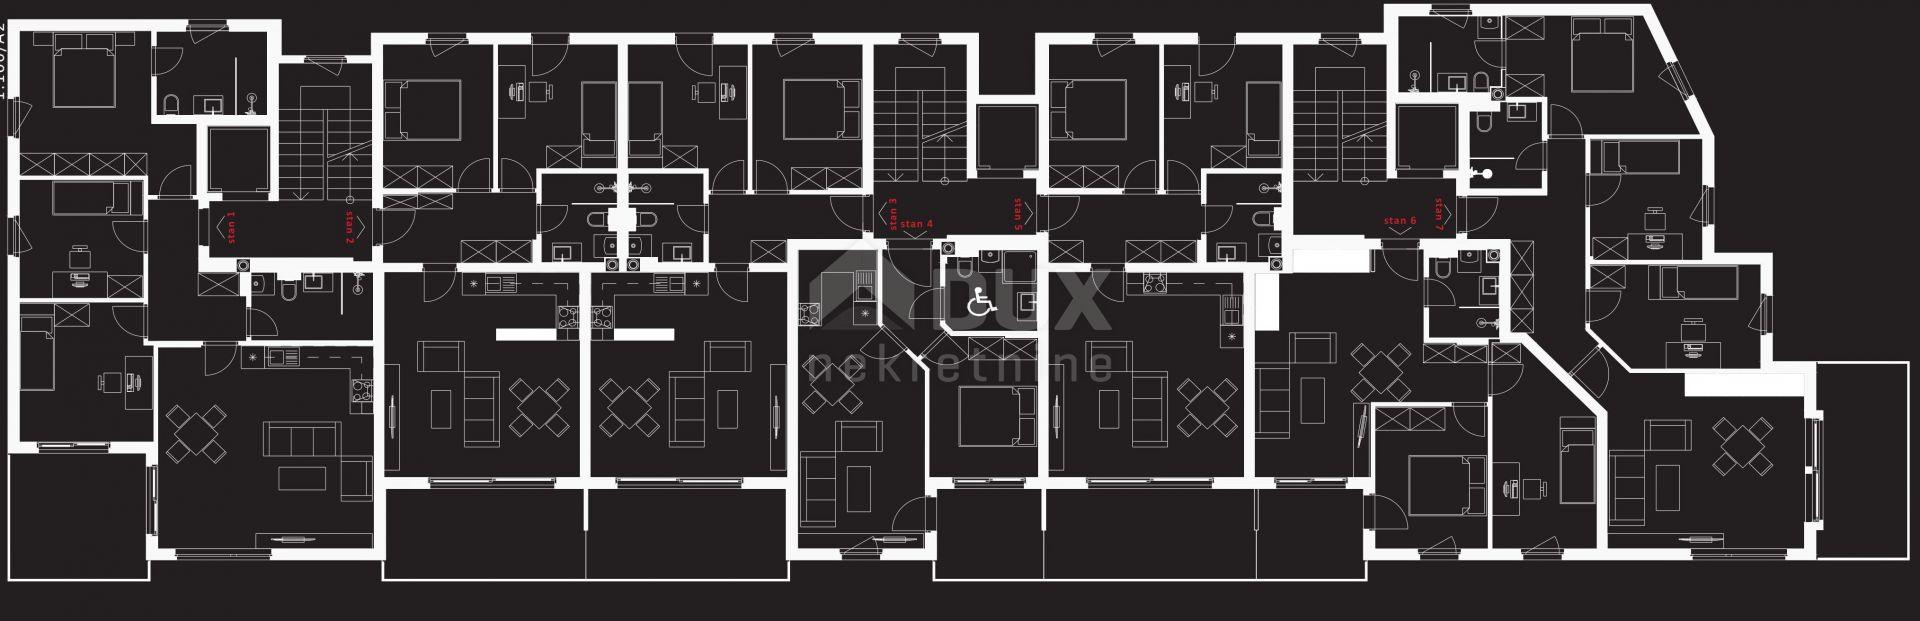 Srdoči 2s+db - 72 m2, sa parking mjestom i okućnicom